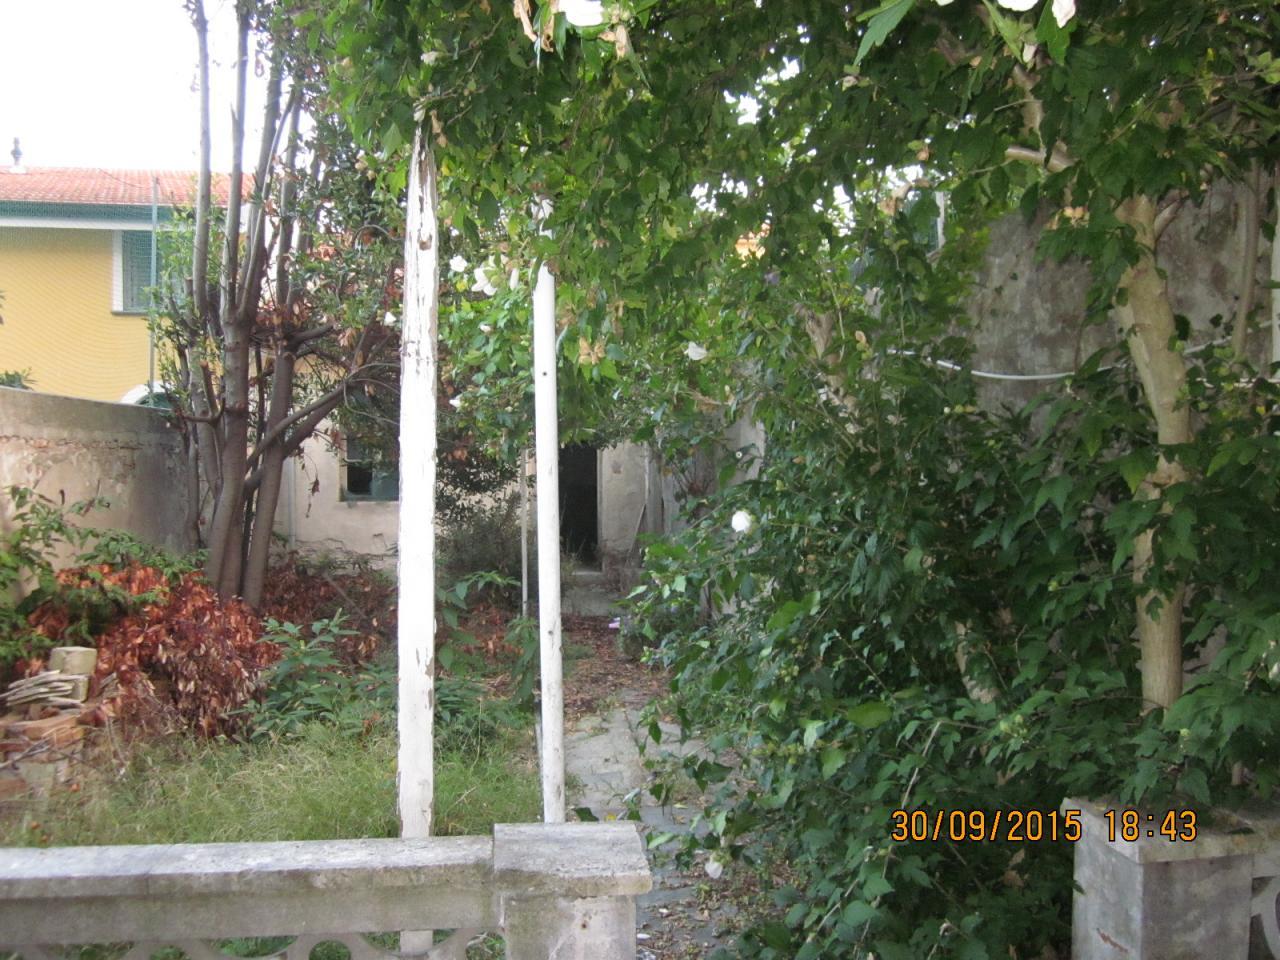 Soluzione Indipendente in vendita a Viareggio, 6 locali, prezzo € 320.000   Cambio Casa.it